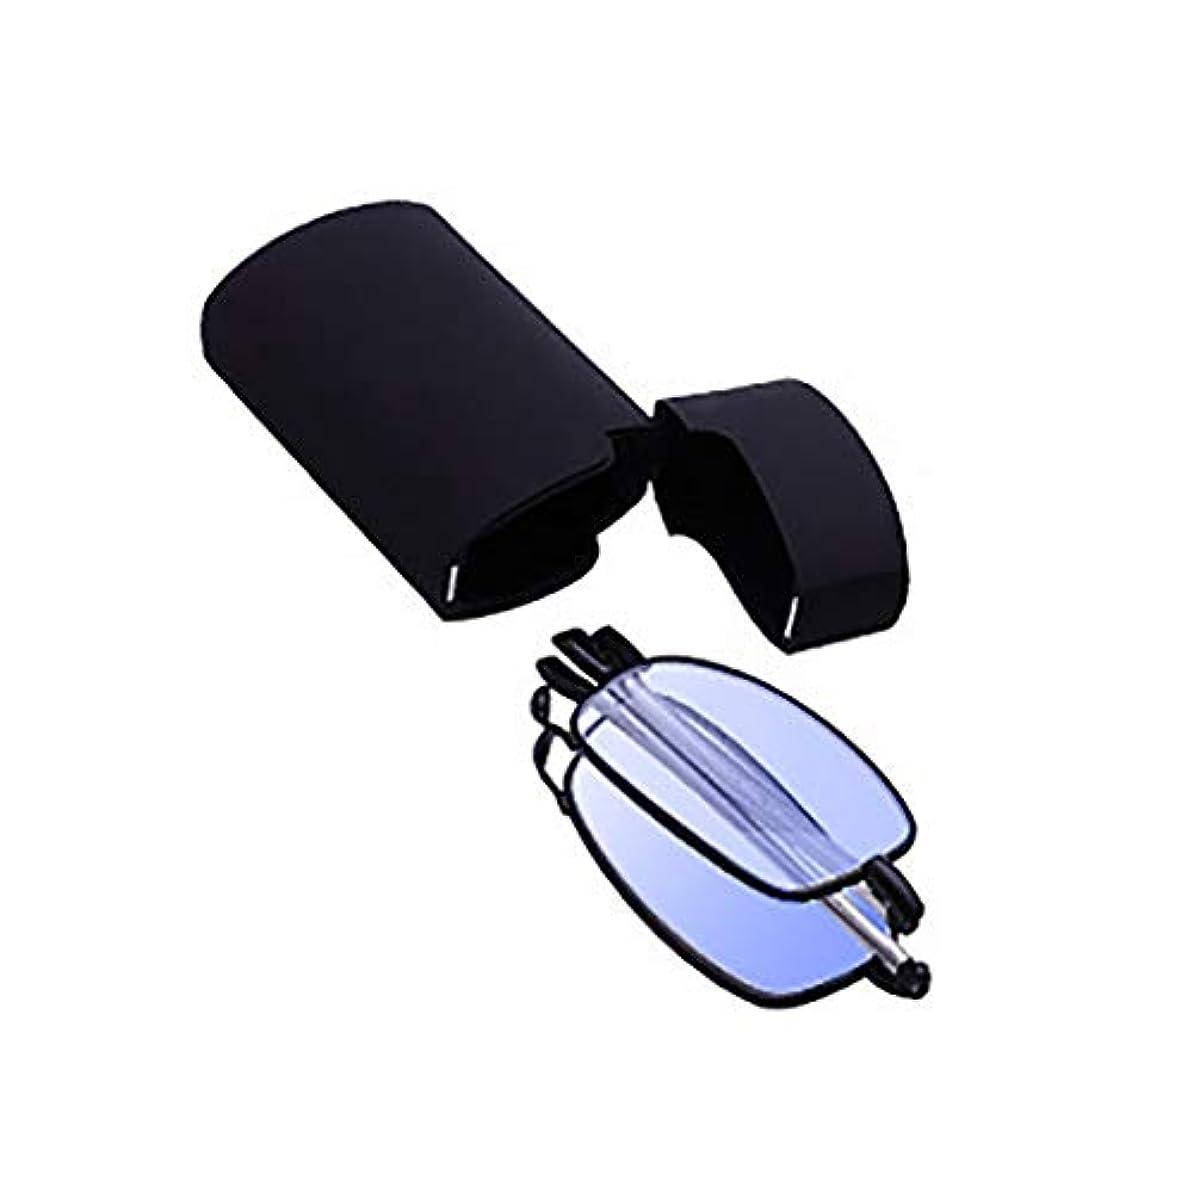 困難批判する保険ユニセックスメタル老眼鏡、コンパクトアンチブルーライト、折りたたみ式伸縮シニアグラス、Hd樹脂レンズ、3色